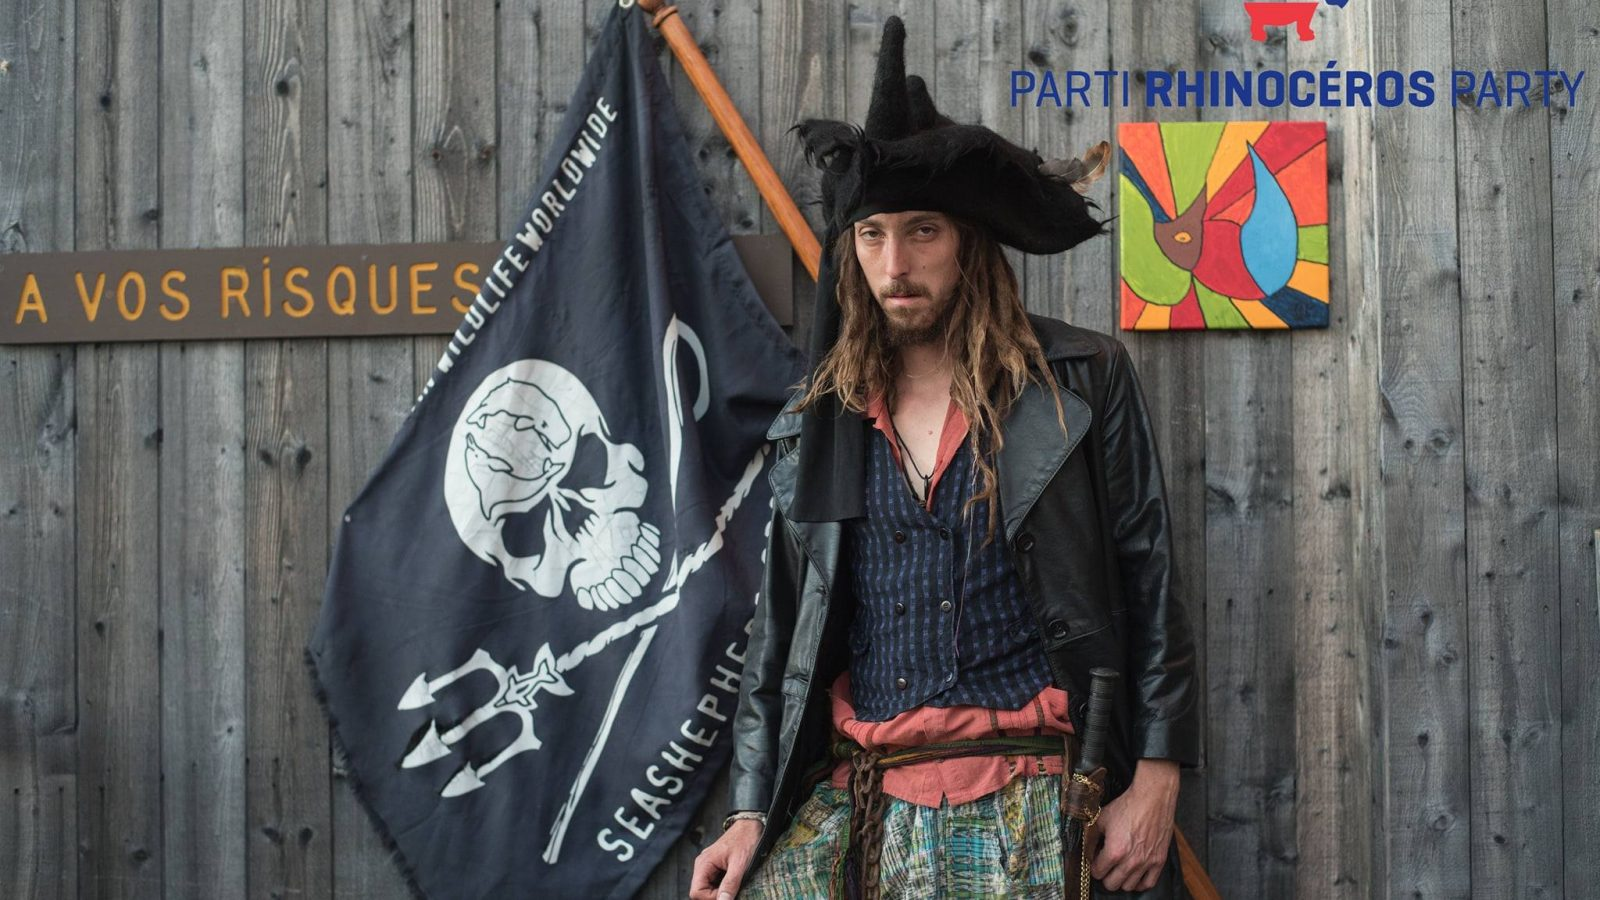 Un pirate candidat aux élections fédérales